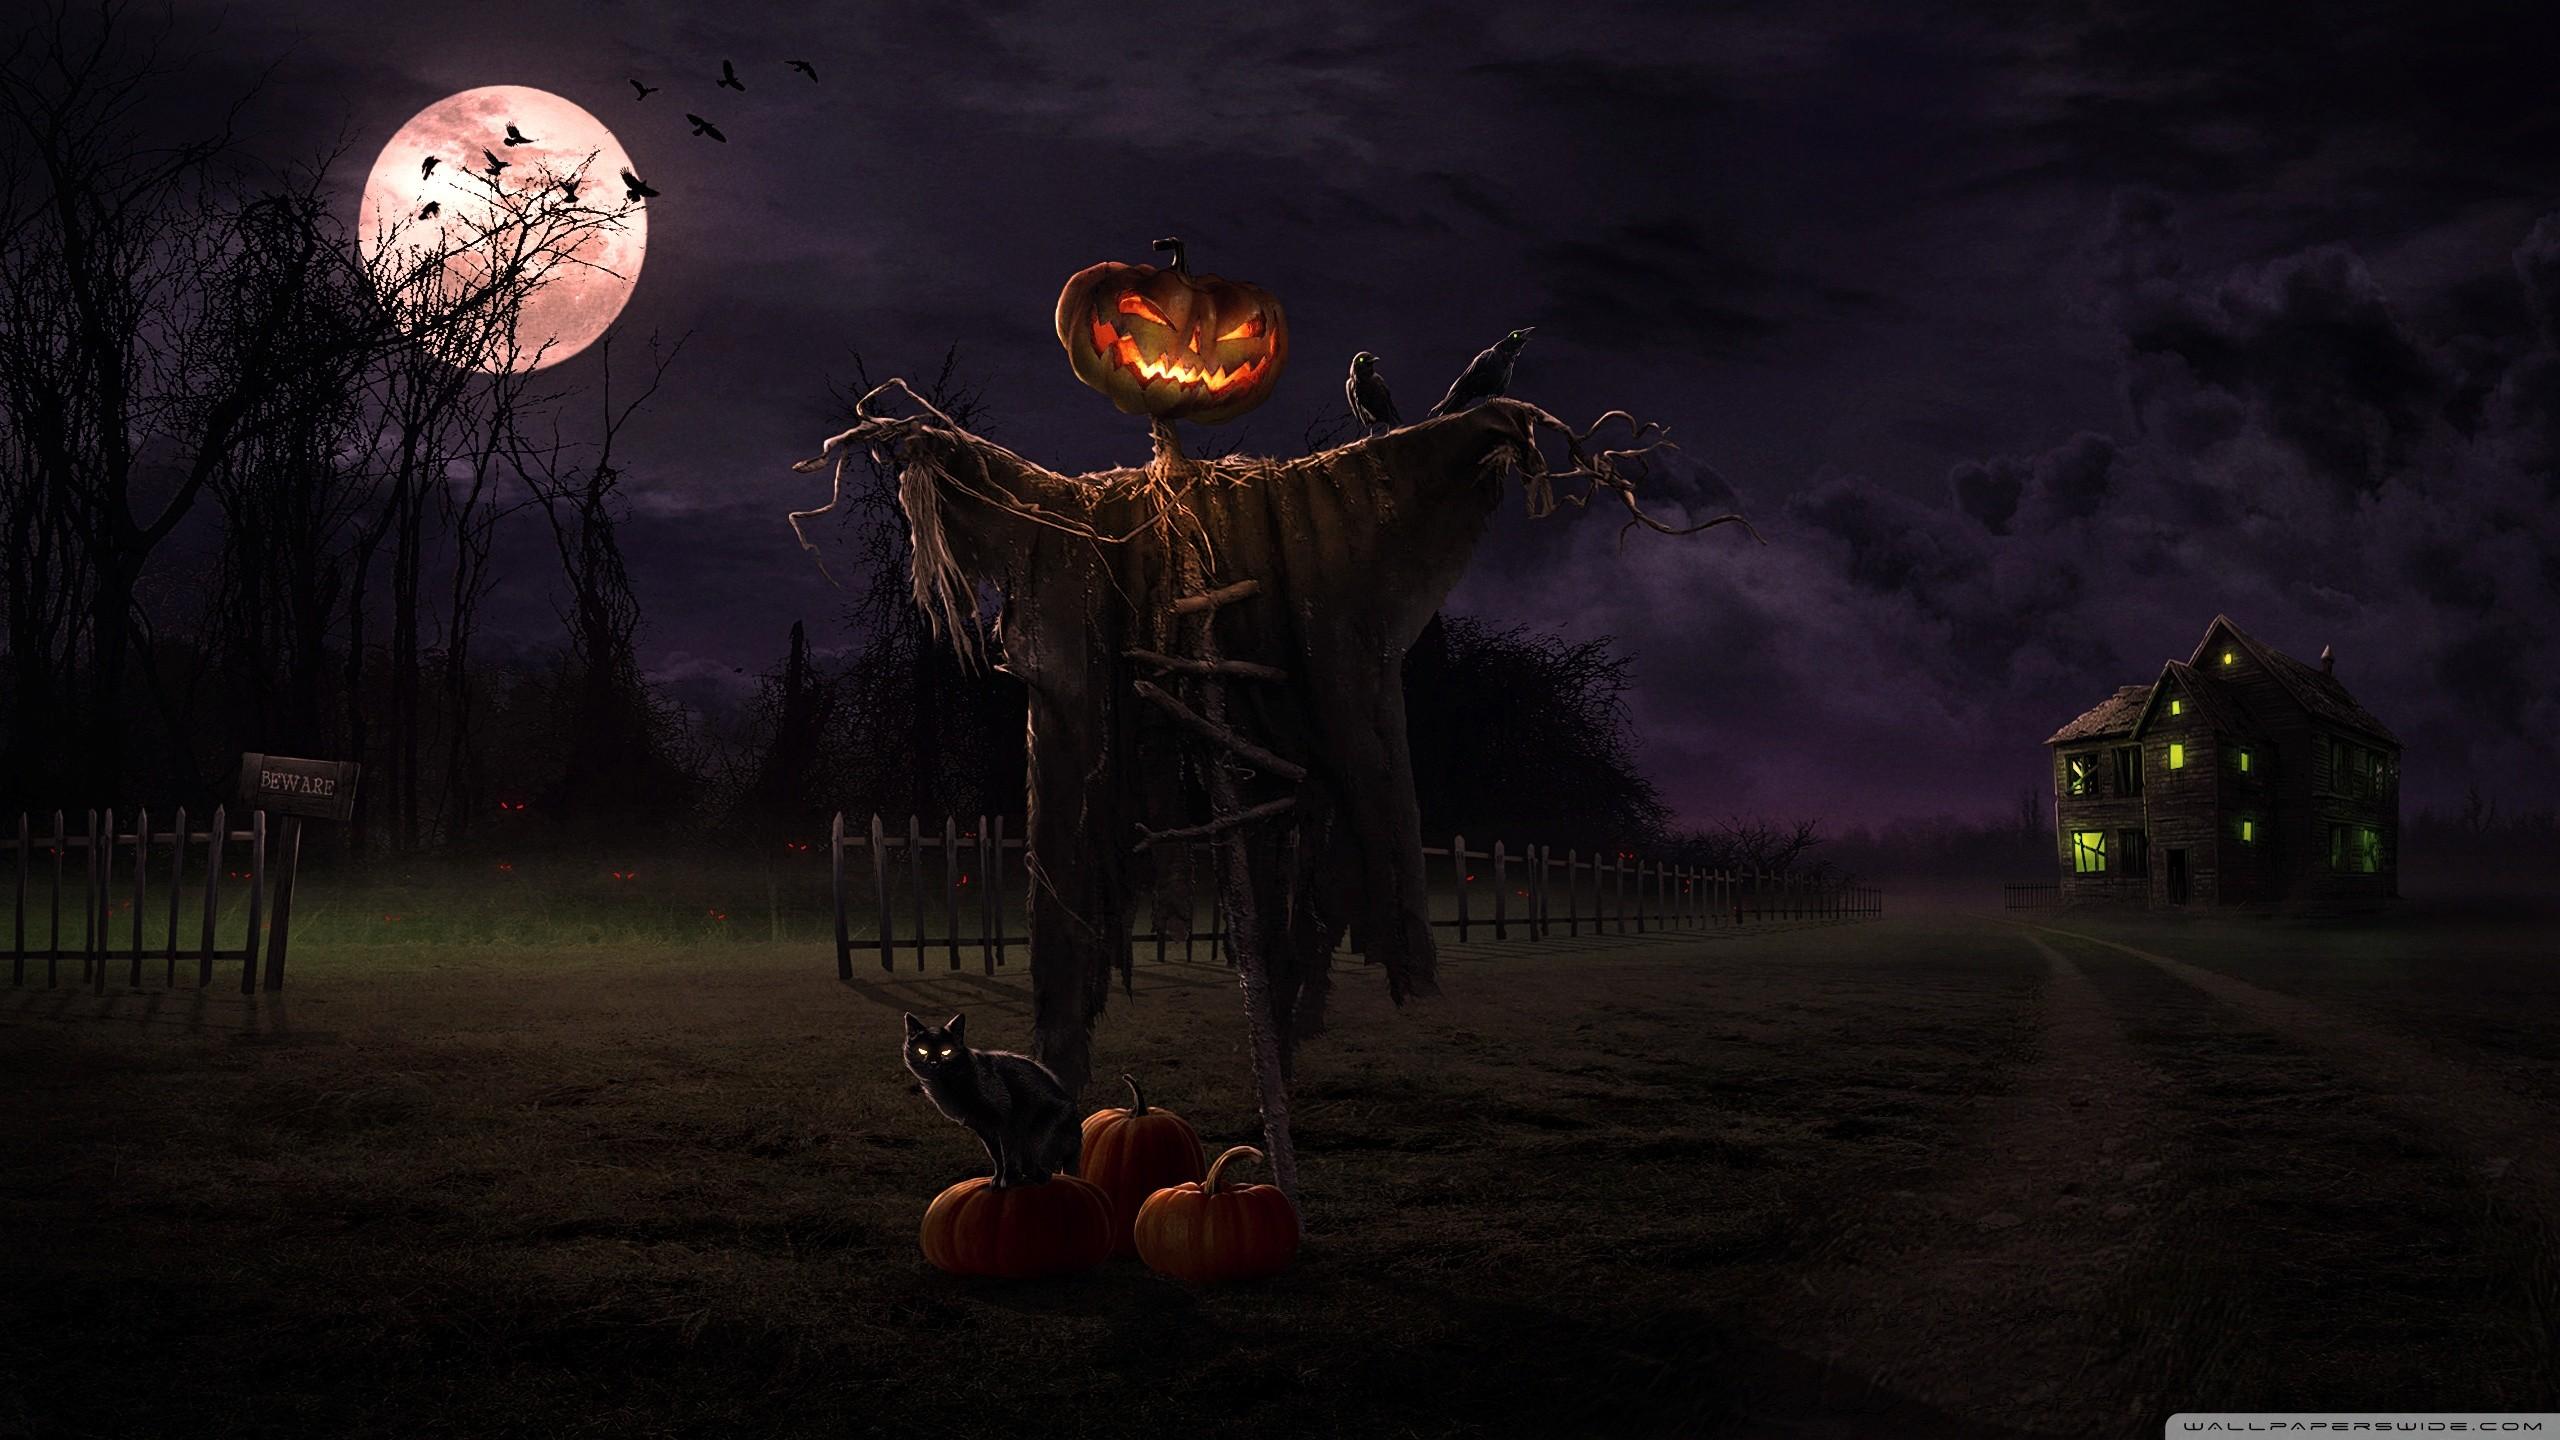 … Hd Halloween Wallpapers (15)